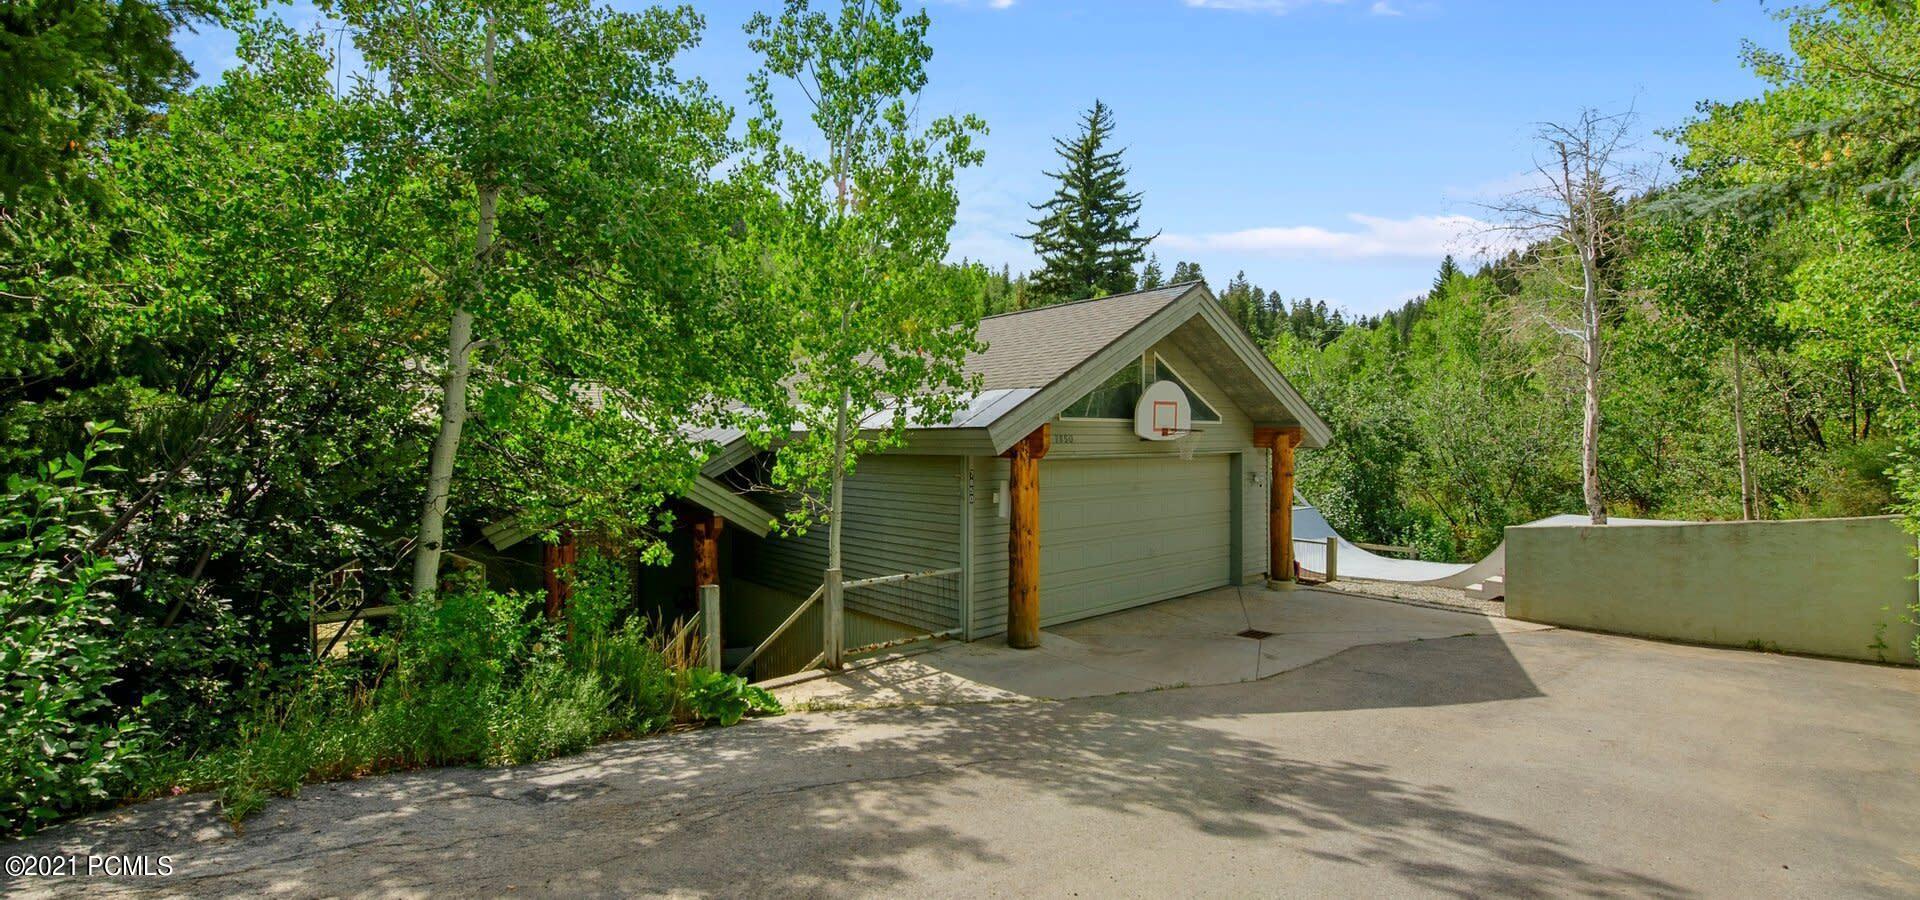 7850 Cedar Way, Park City, Utah 84098, 6 Bedrooms Bedrooms, ,3 BathroomsBathrooms,Single Family,For Sale,Cedar,12103067